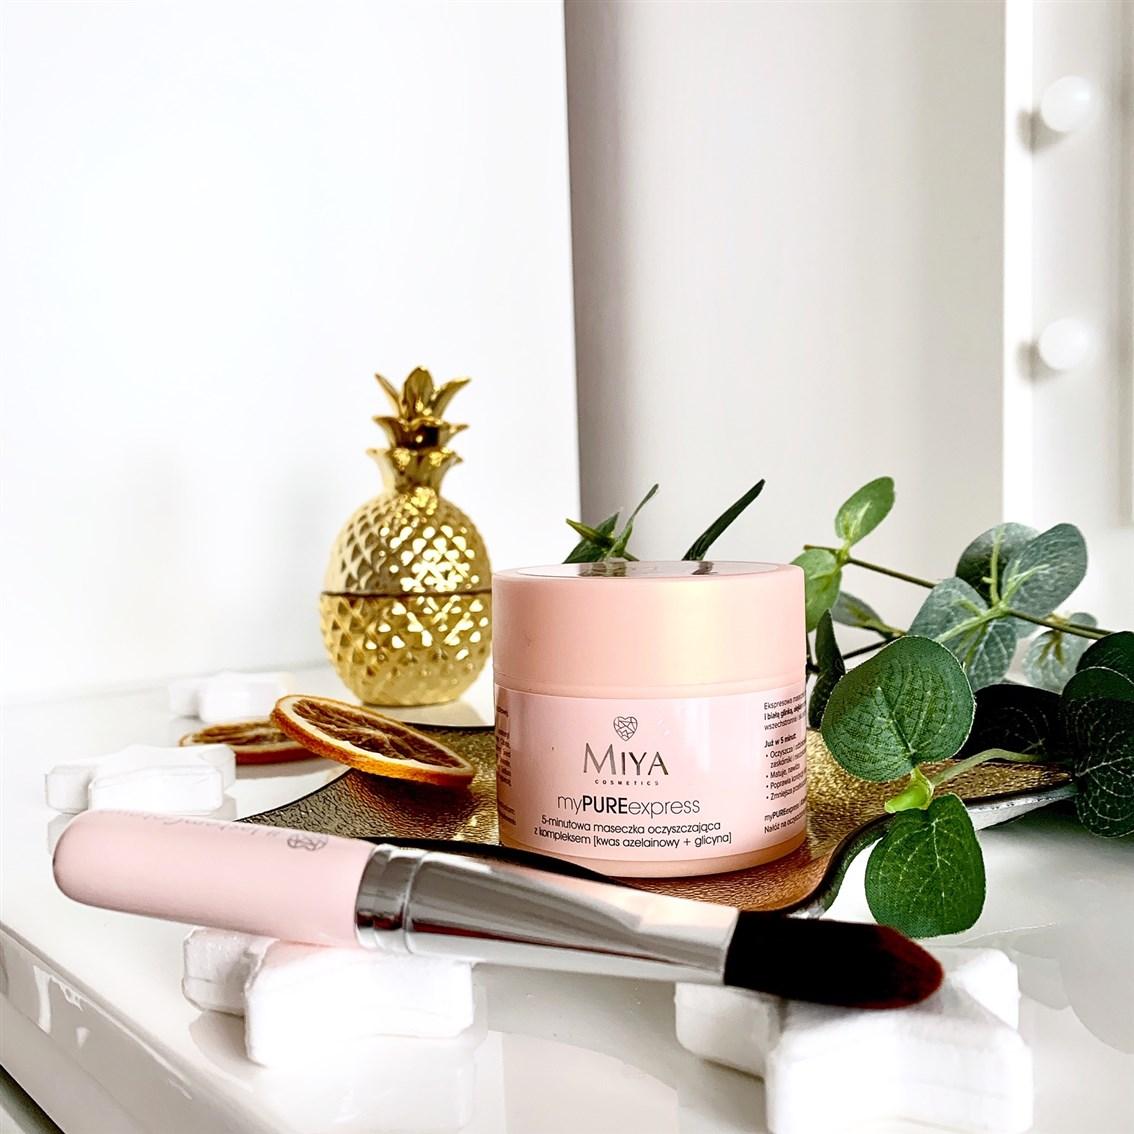 Miya Cosmetics my pure express